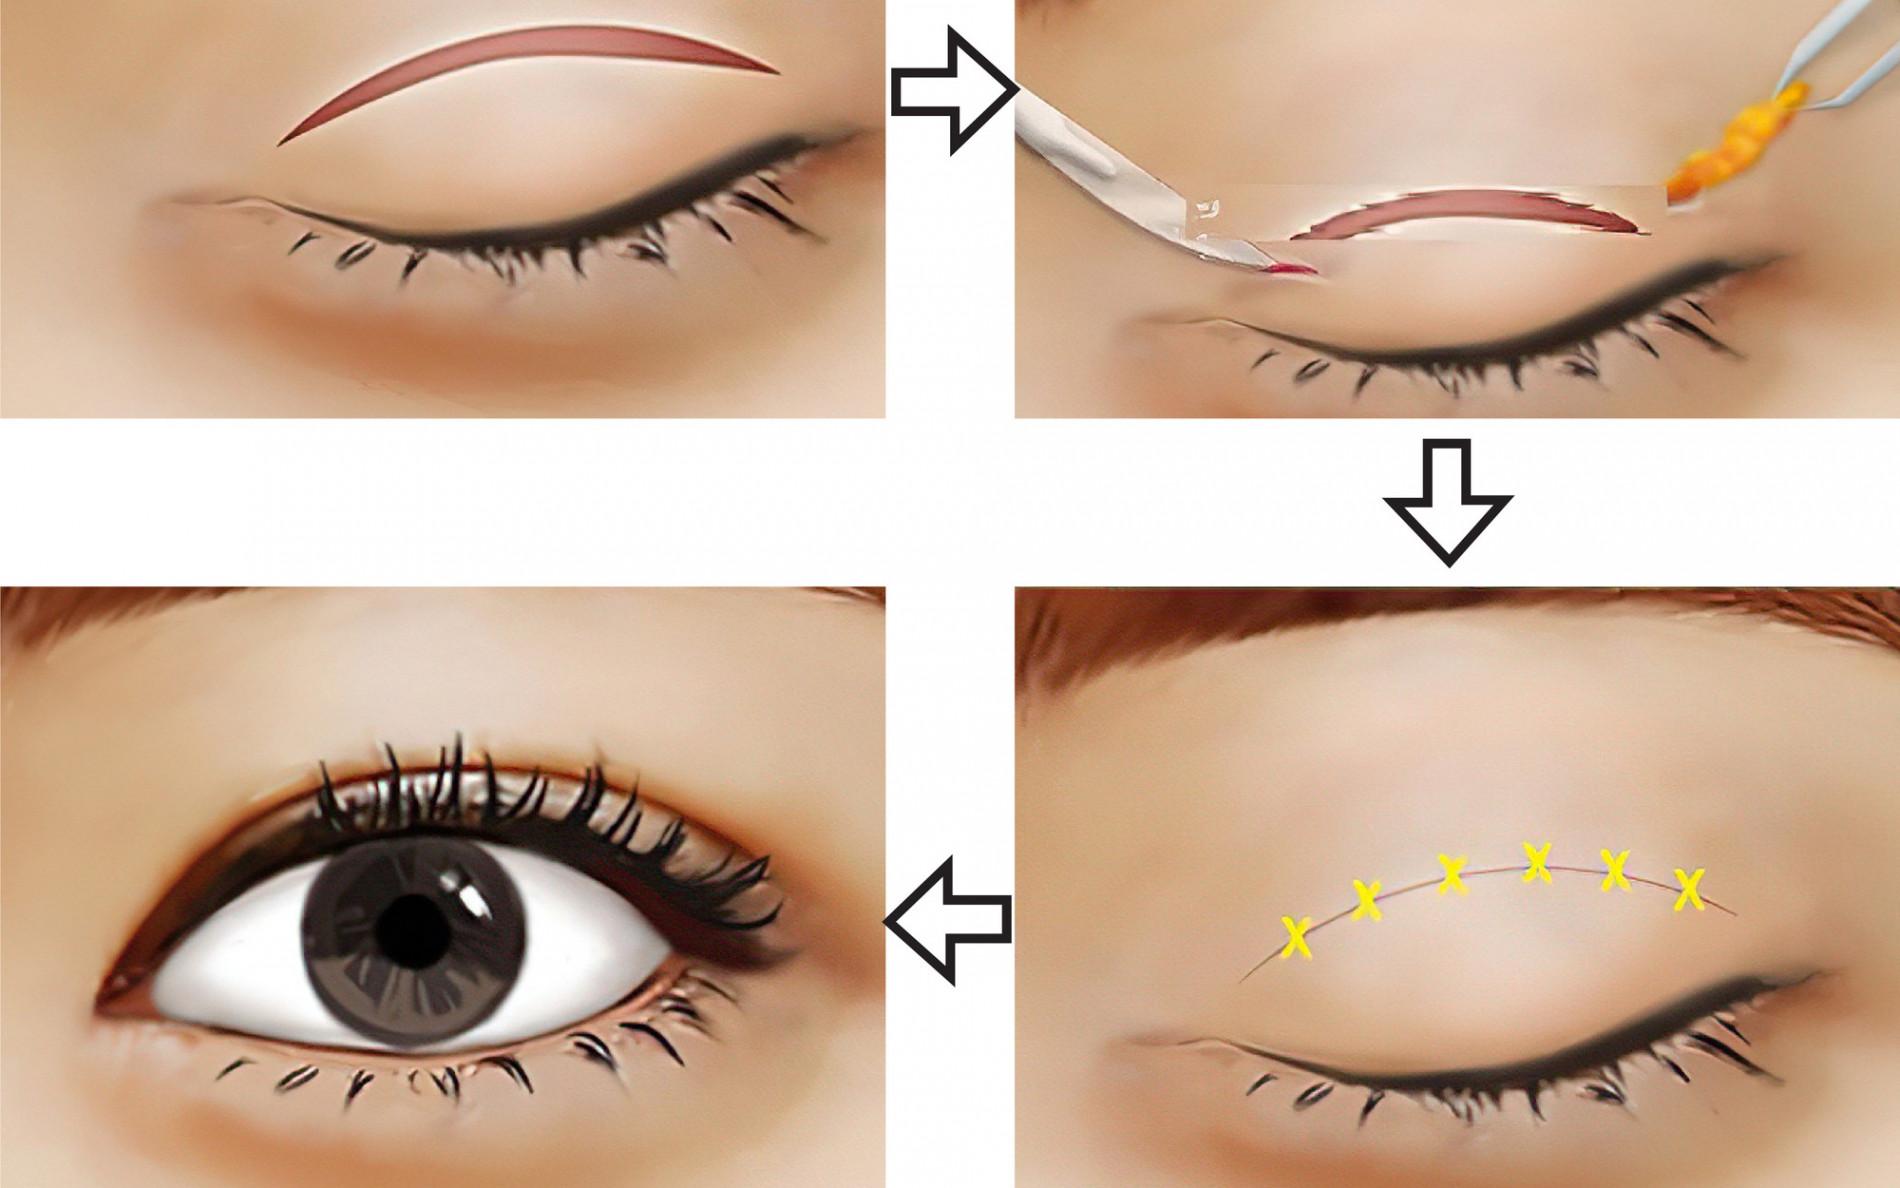 Nhấn mí mắt có hại không? Tác hại của việc nhấn mí mắt